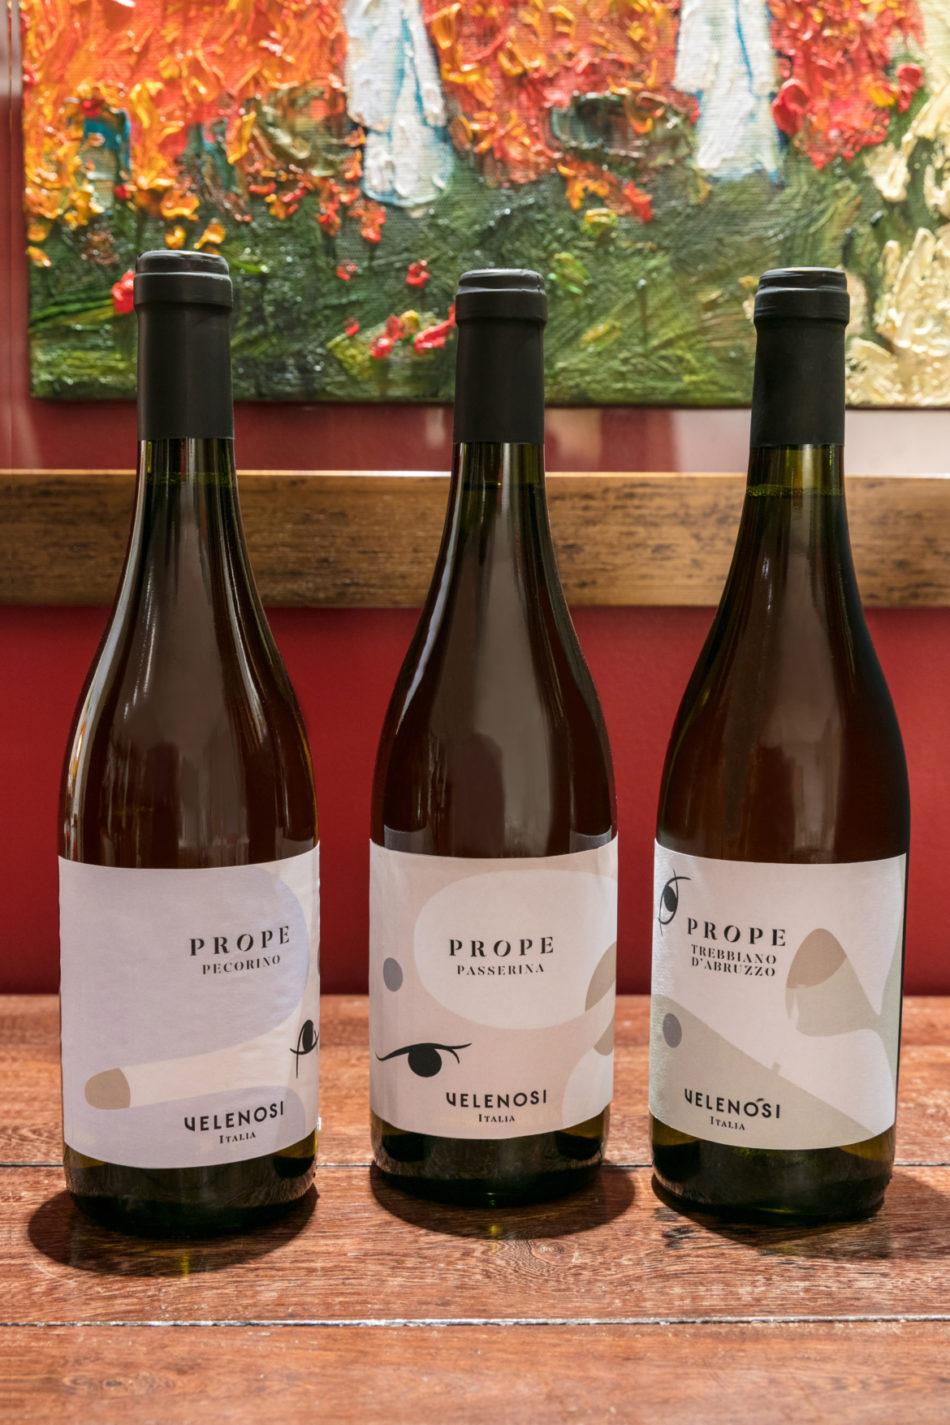 Nasce Prope, la nuova linea di vini prodotta in Abruzzo da Velenosi